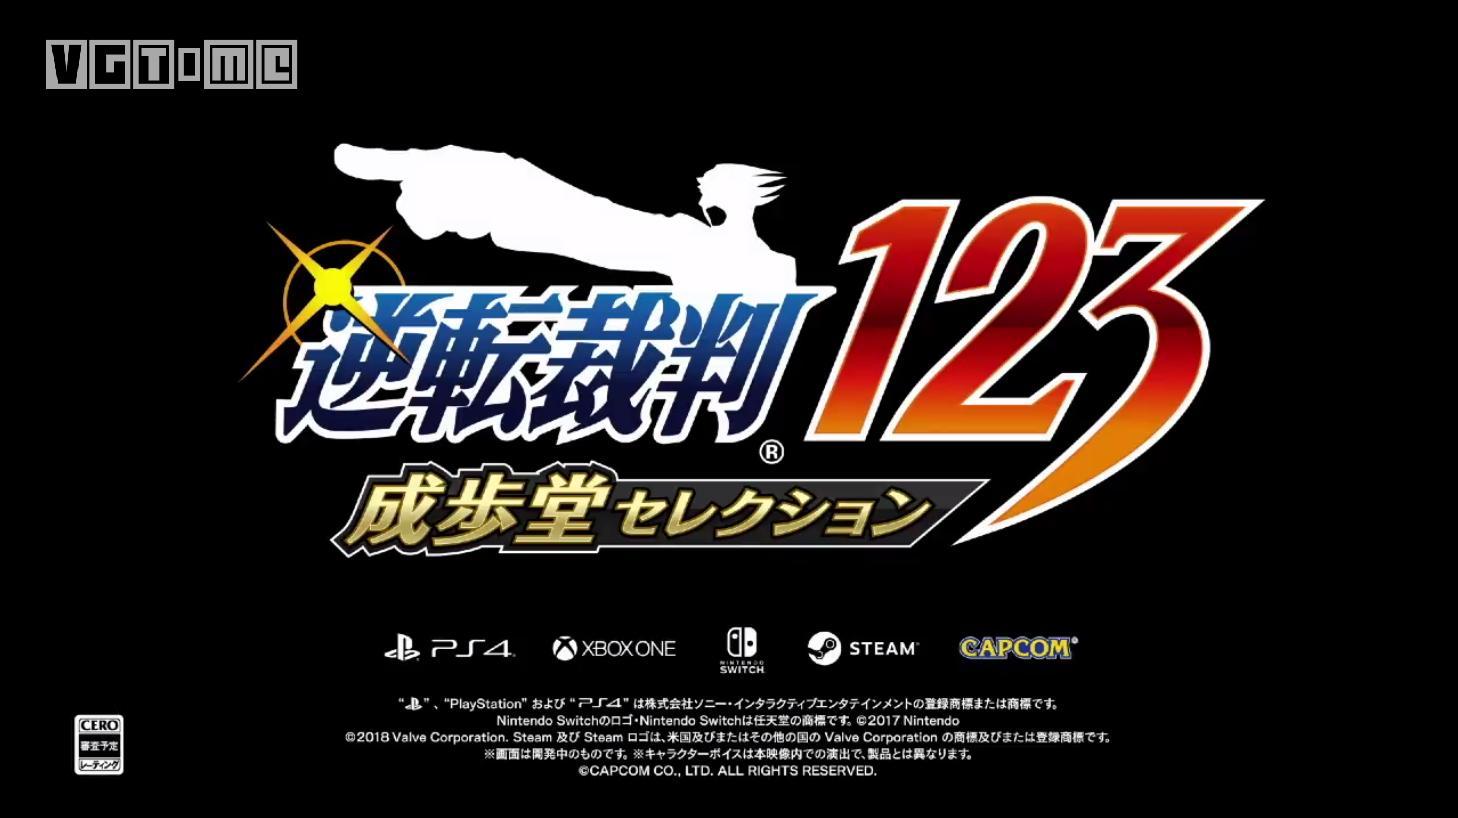 《逆转裁判123 成步堂选集》公布 登陆主流游戏平台